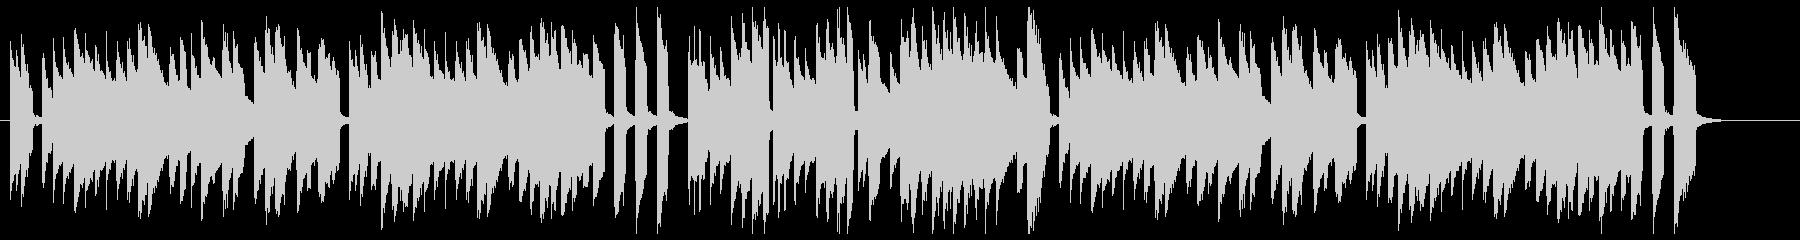 チェンバロによる高貴なバロック音楽の未再生の波形